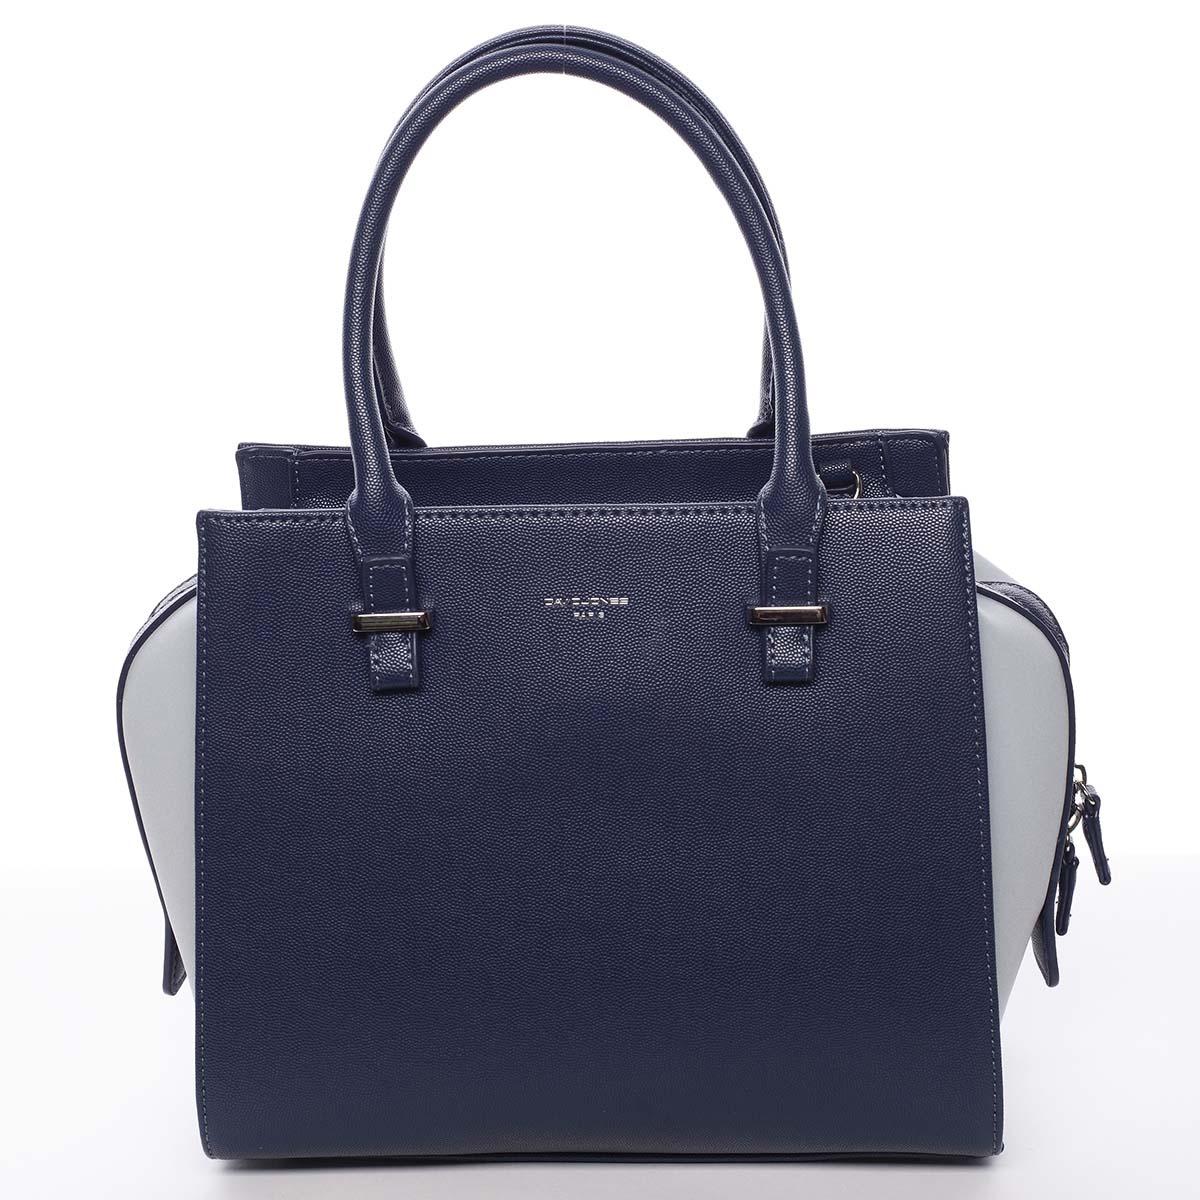 Luxusná módna modrá kabelka cez plece - David Jones Ariana